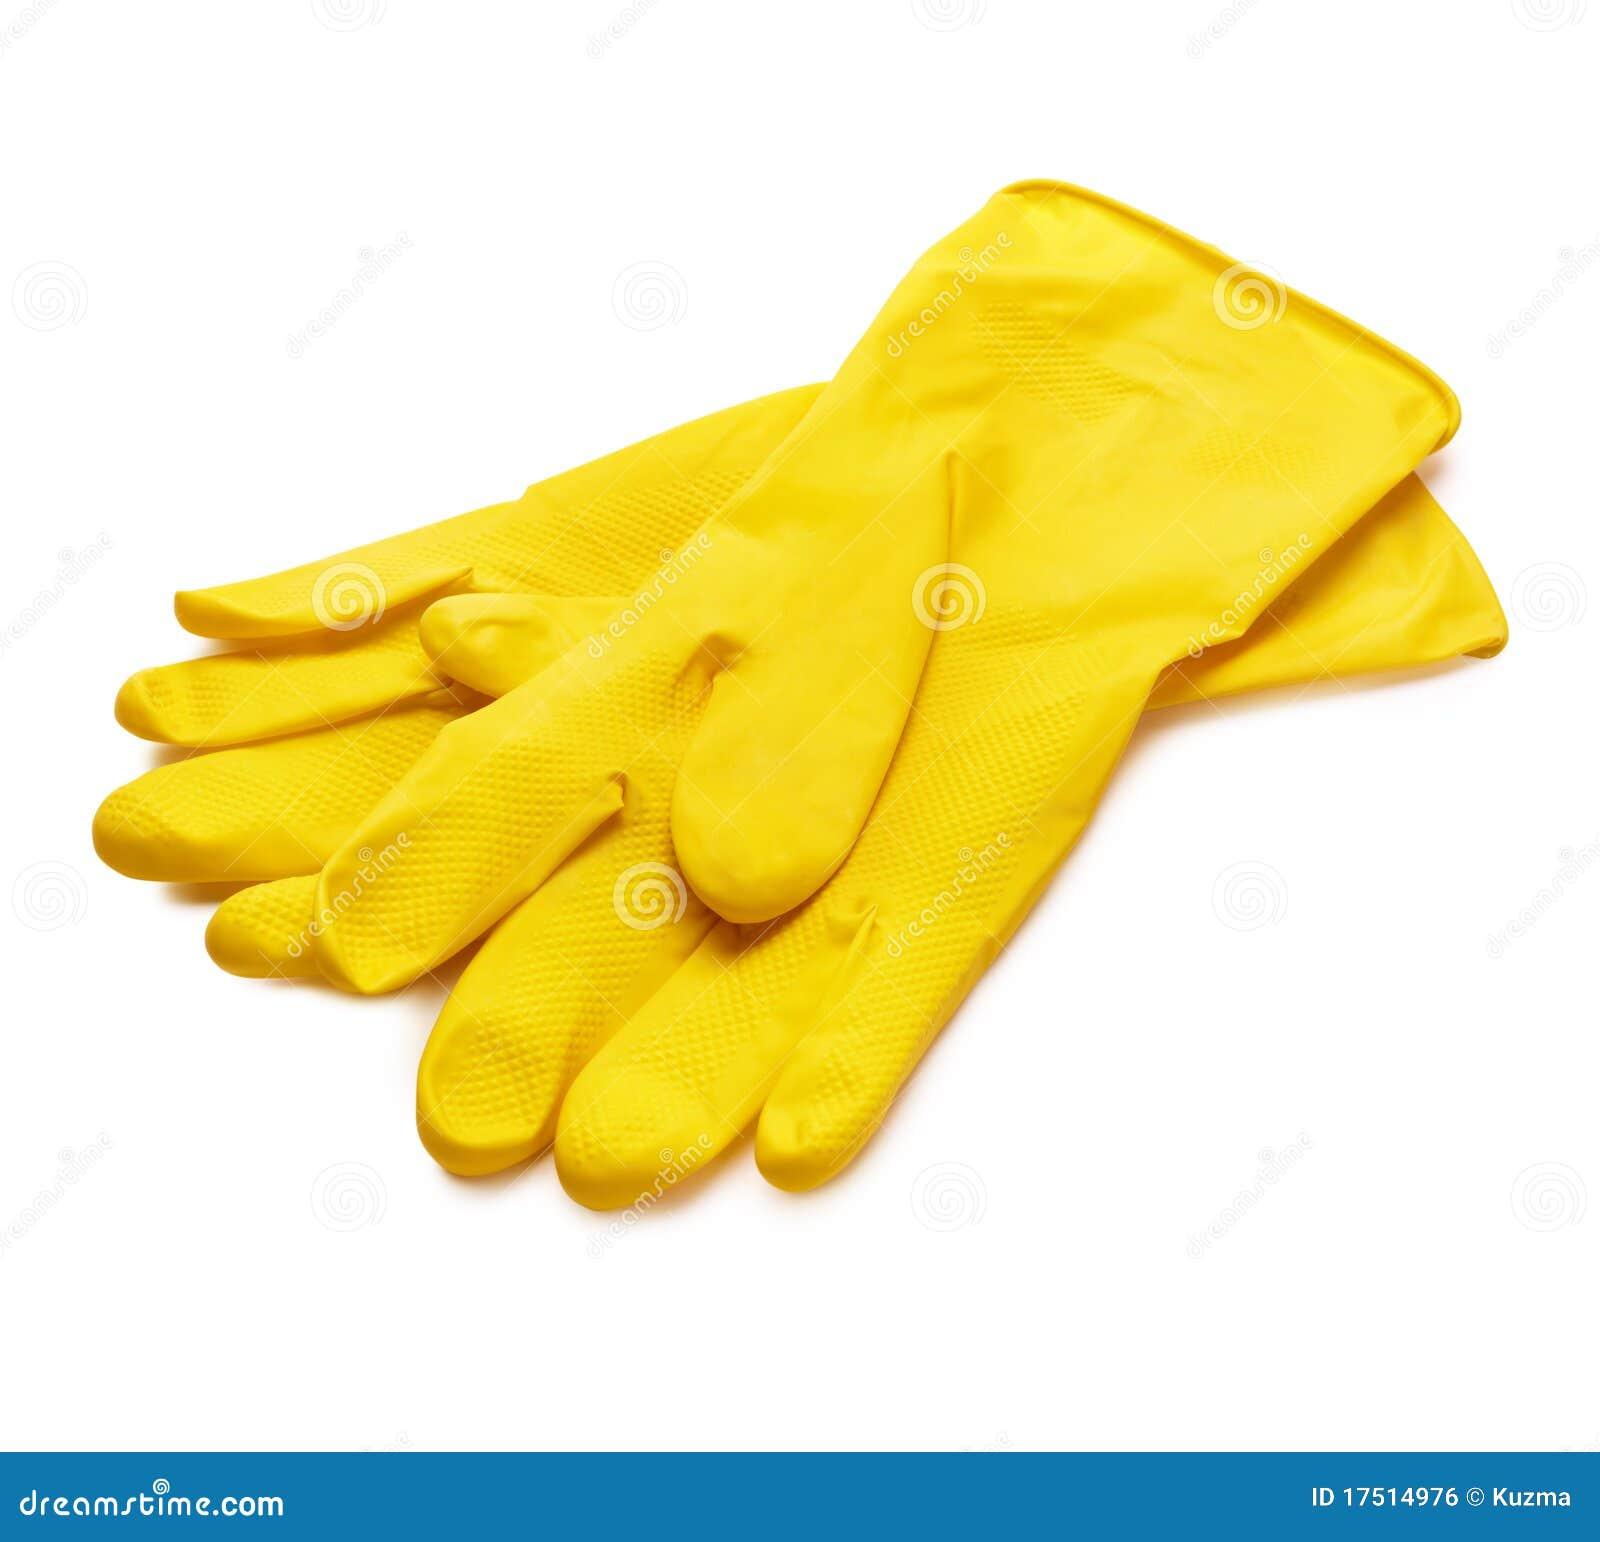 migliore selezione di migliore qualità per codici promozionali Guanti gialli fotografia stock. Immagine di lavaggio - 17514976